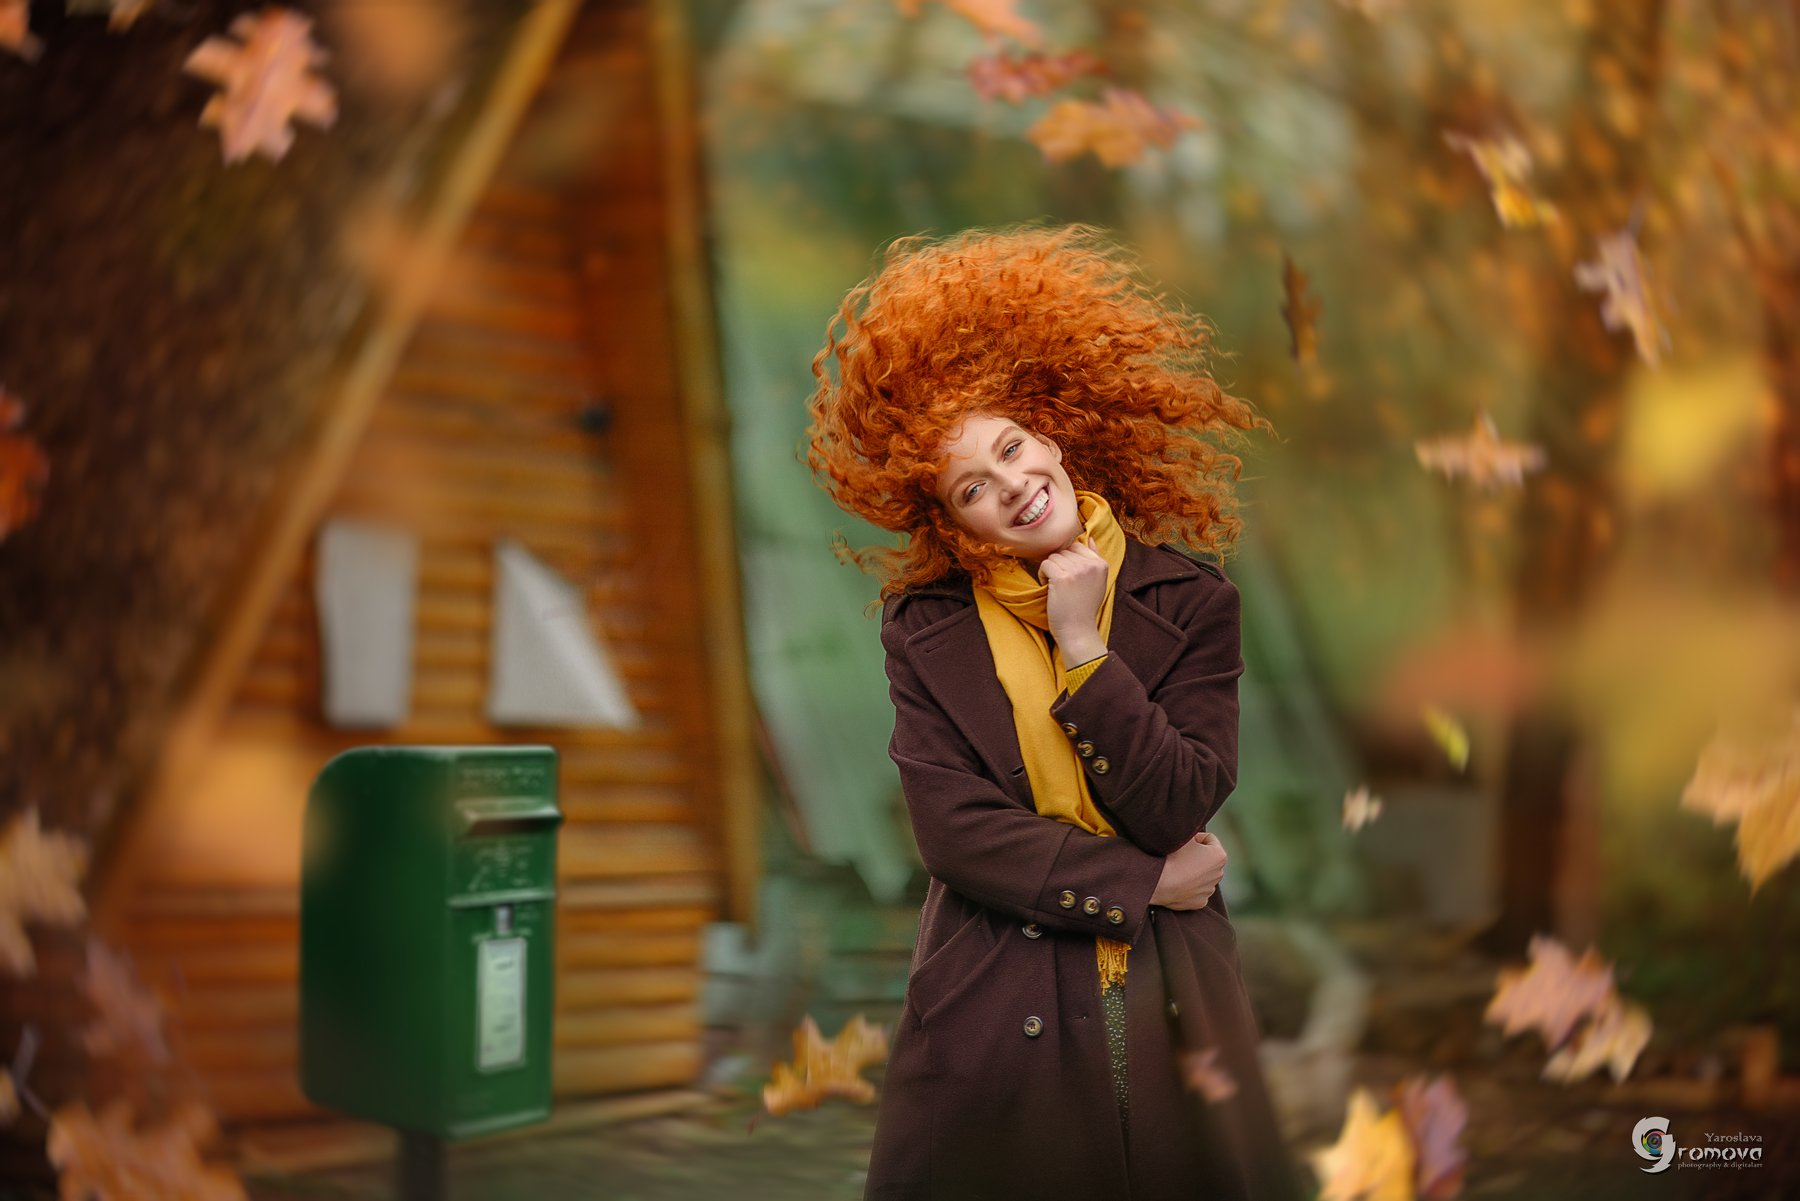 осень, рыжая, файнарт, счастье, Громова Ярослава